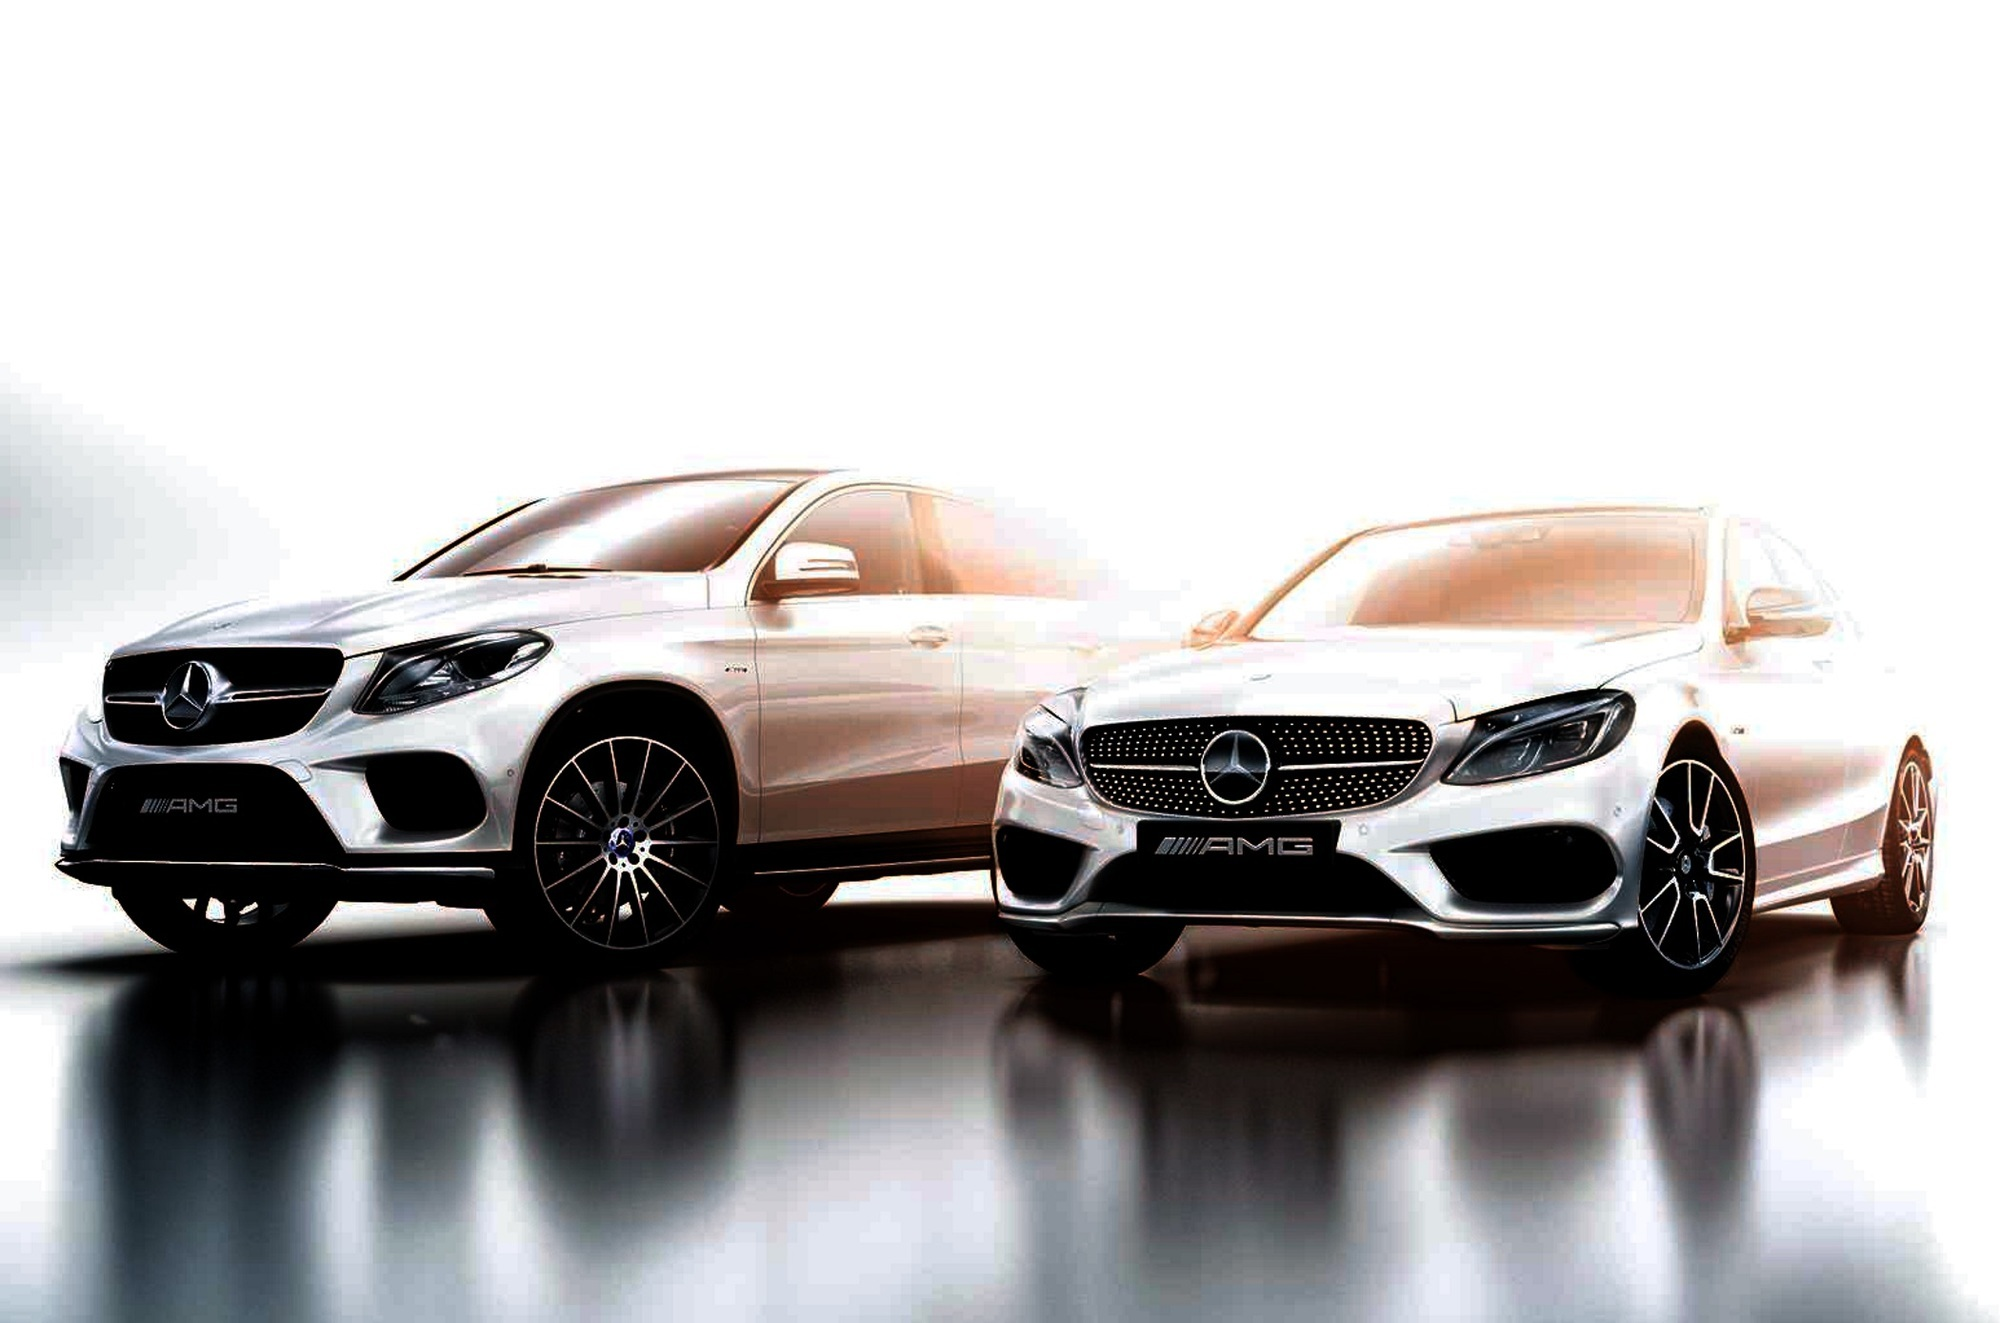 Mercedes-AMG auf Wachstumskurs - Mehr Varianten, mehr Kundschaft